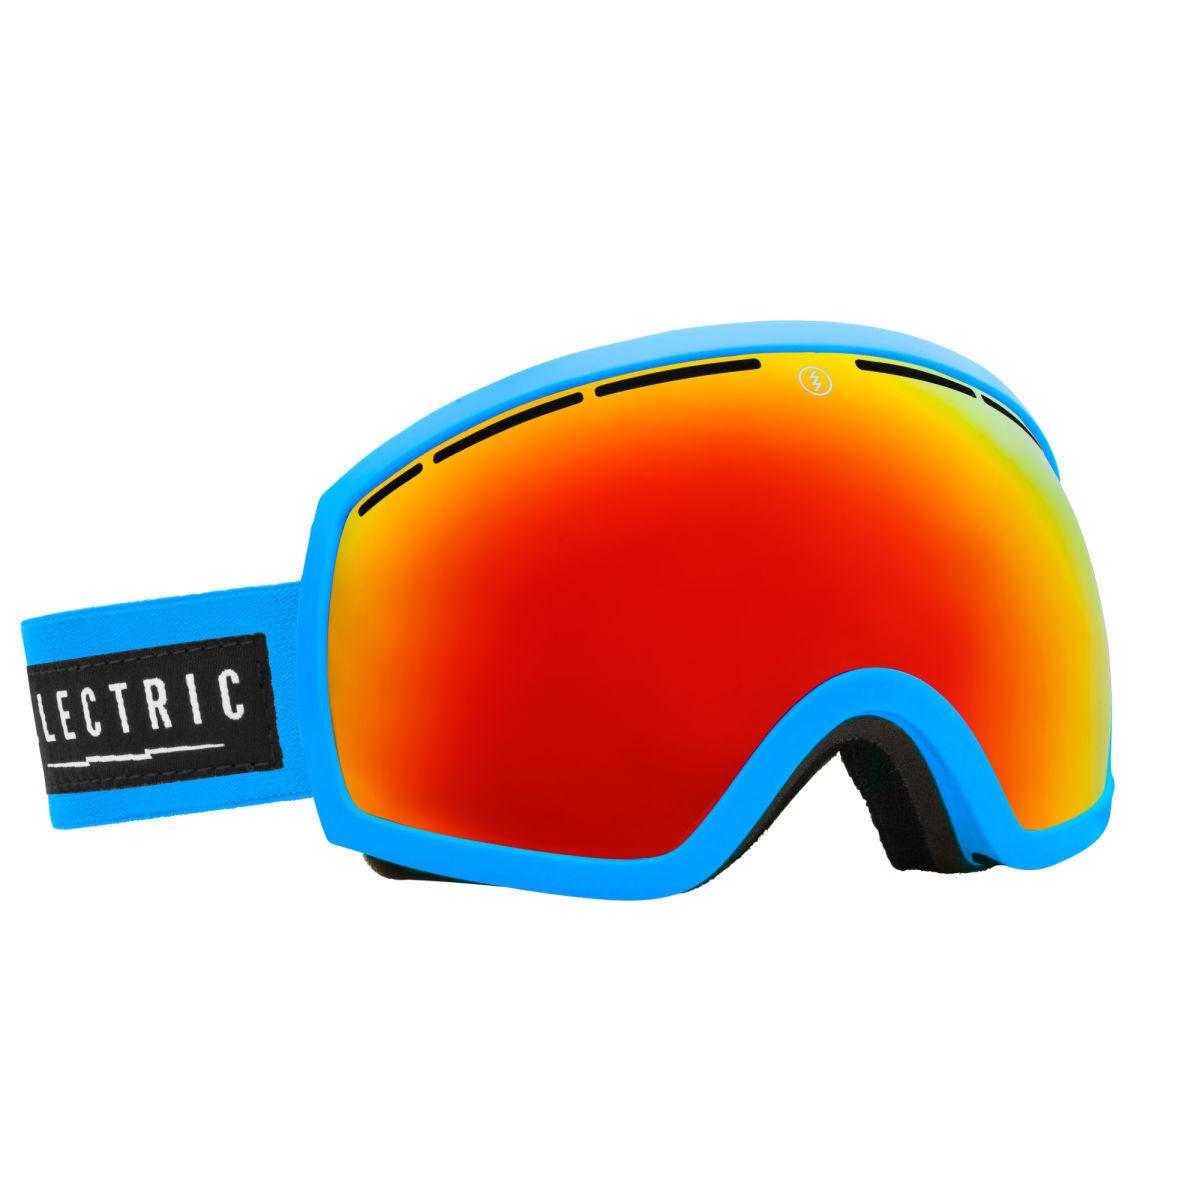 New ELEKTRISCH EG2 snow goggles CODE blueE BRONZE-RED CHROME + BONUS LENS ski eg3